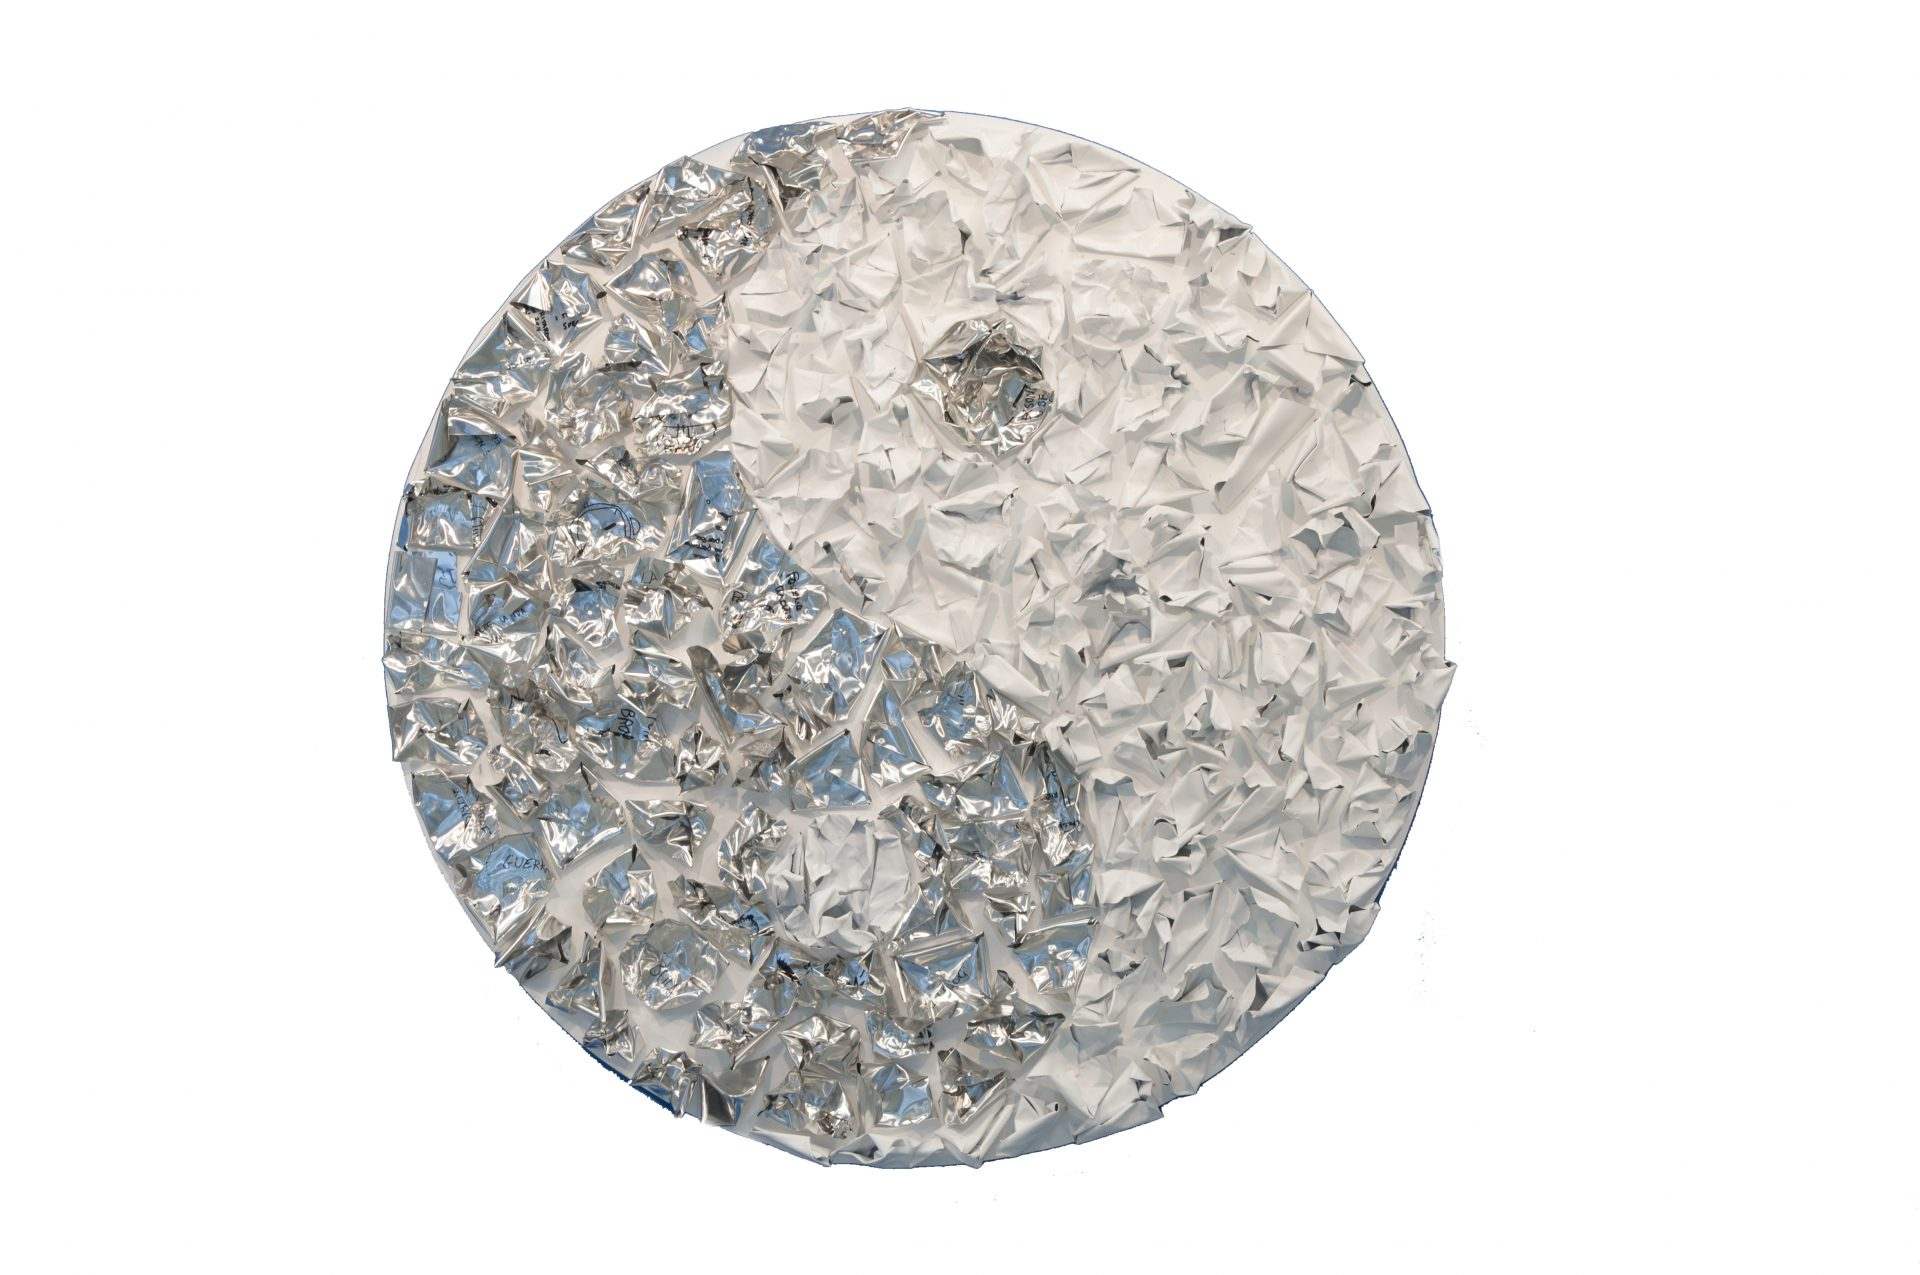 Il vento si perde a Dynamo<br>DSG06<br>misure: 158 x 148 cm<br>tecnica: acrilico su alluminio<br>anno: 2016<br><br>DISPONIBILE